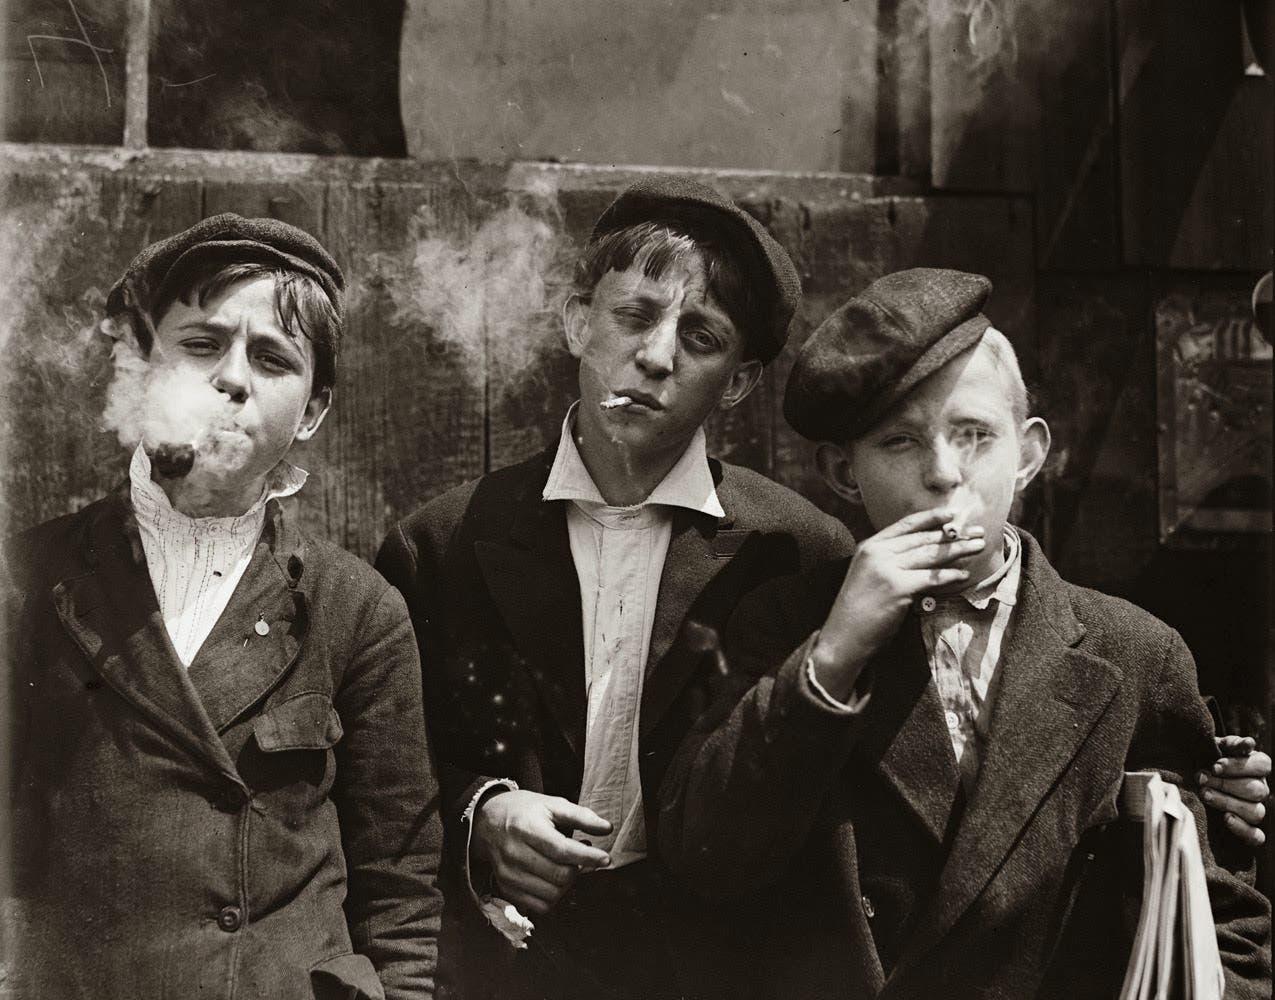 صورة لأطفال أجبروا على العمل وهم بصدد تدخين السجائر